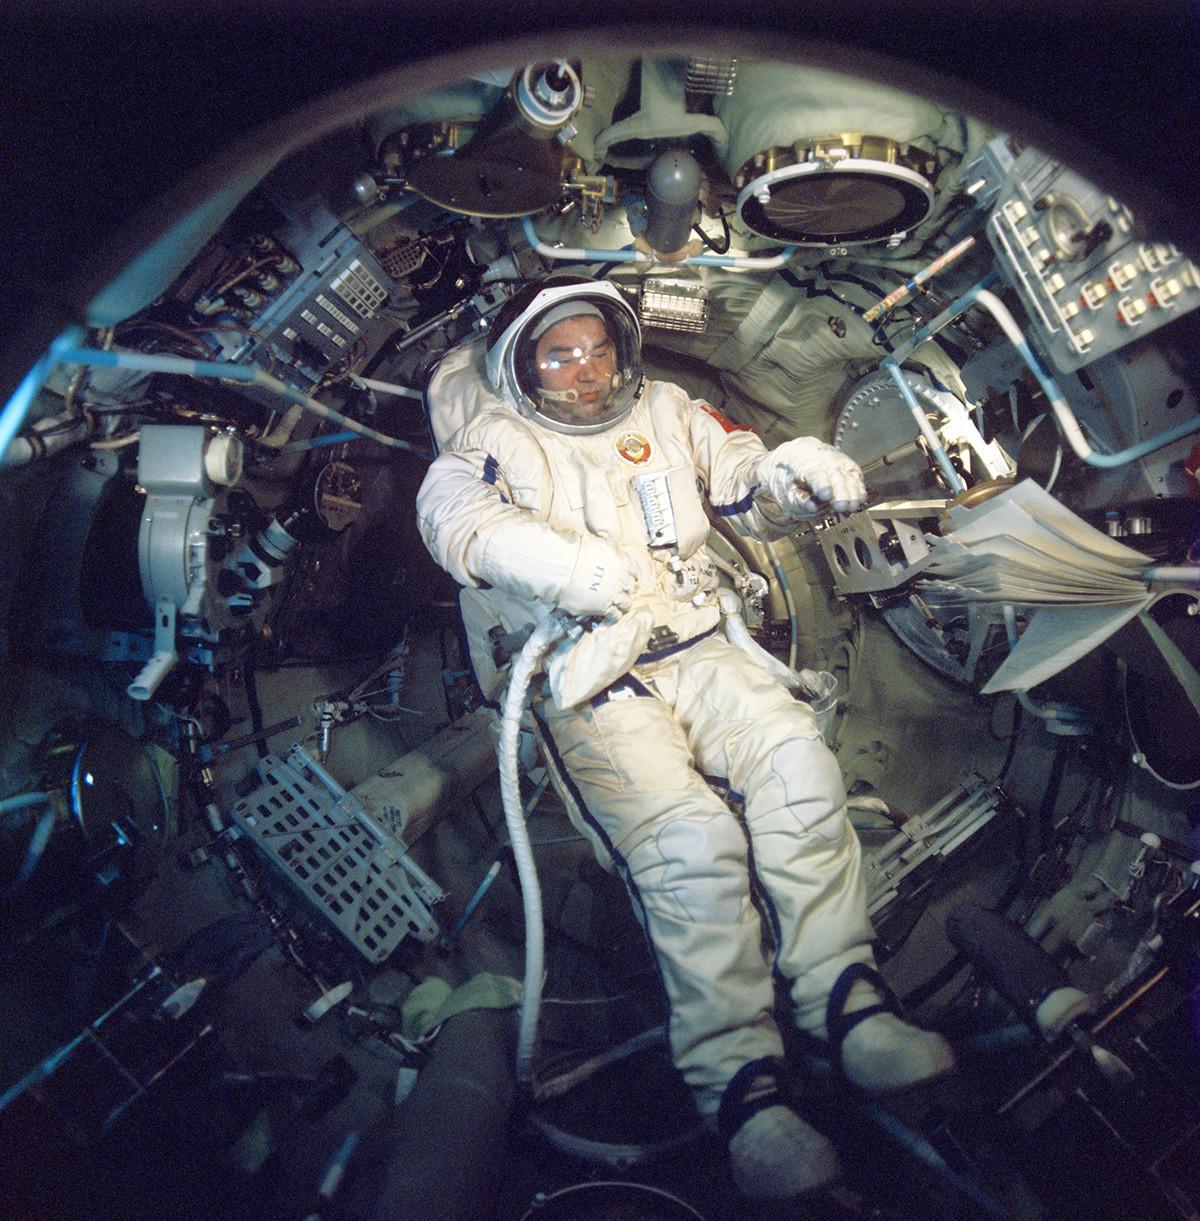 Sovjetski kozmonavt Georgij Grečko (letalski inženir) na krovu vesoljskega kompleksa